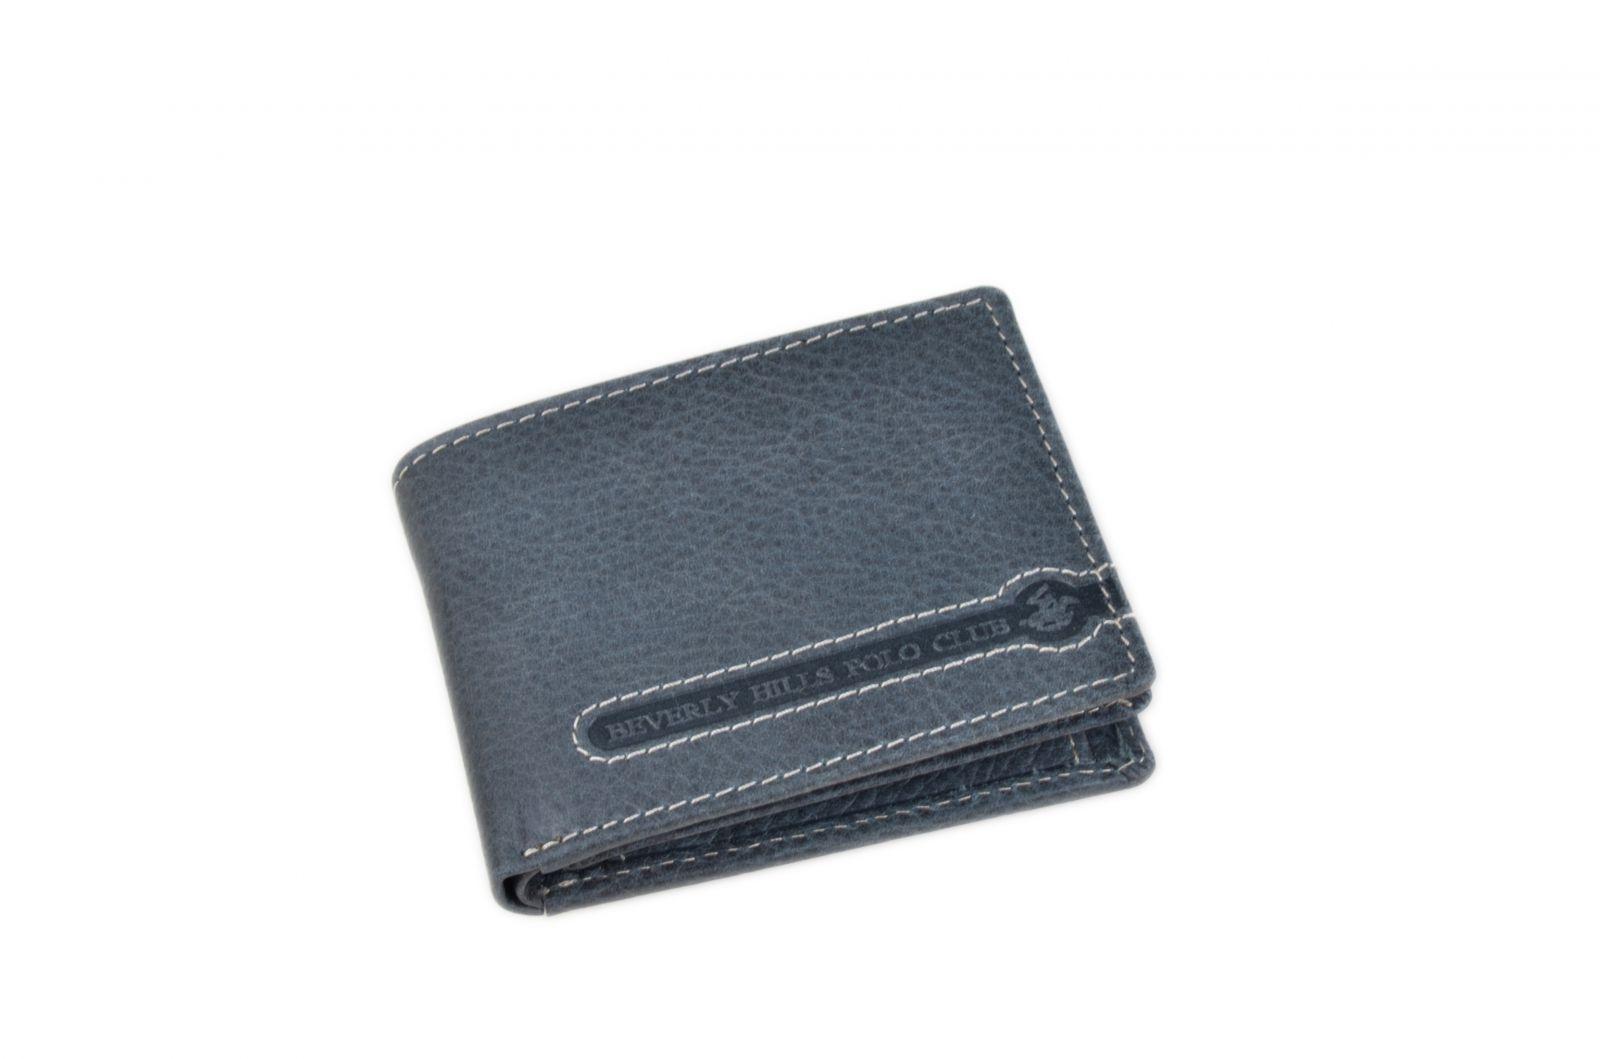 Peněženka pánská BHPC Tucson BH-395-05 modrá v krabičce